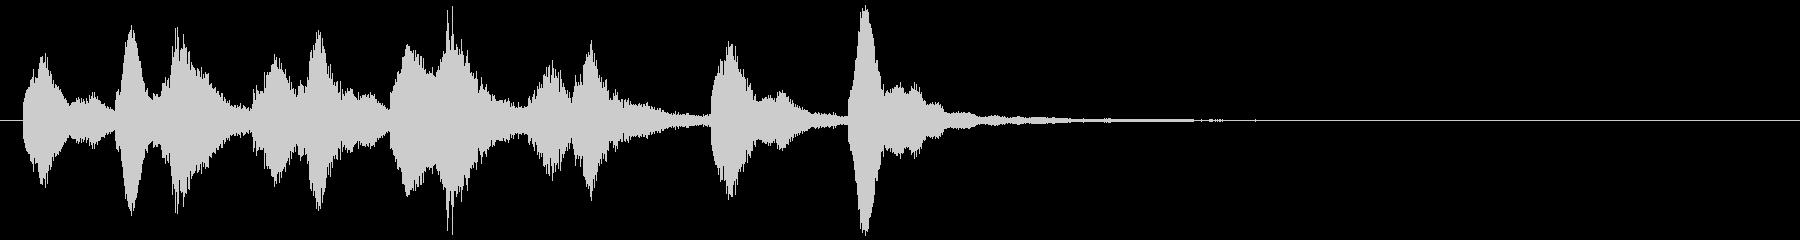 のほほんジングル033_コミカル+3の未再生の波形